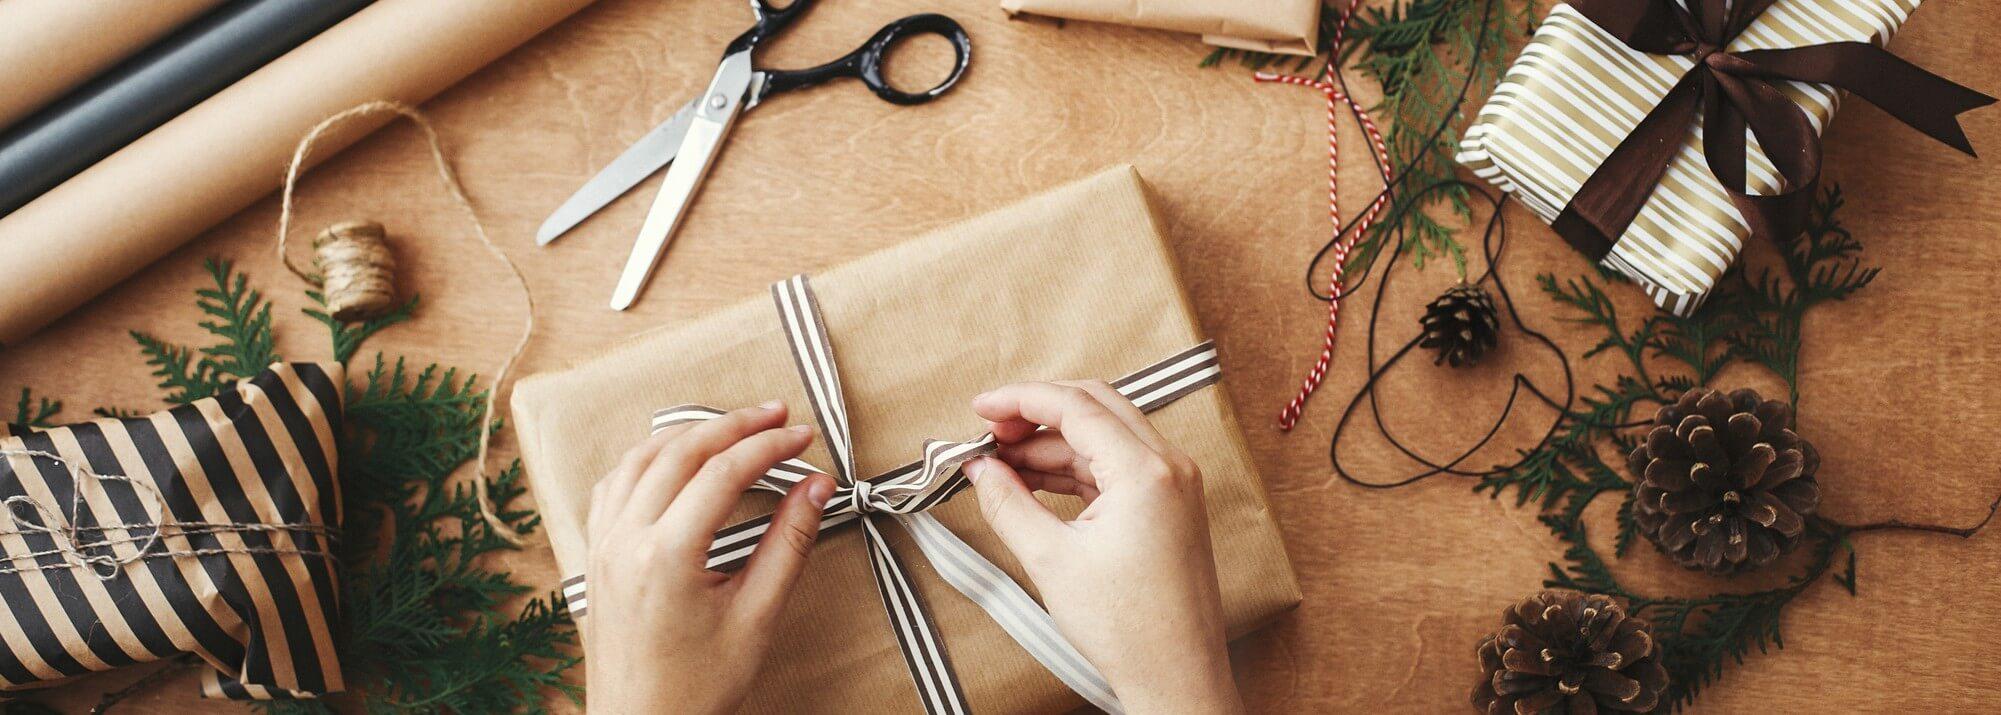 Emballages cadeaux et accessoires